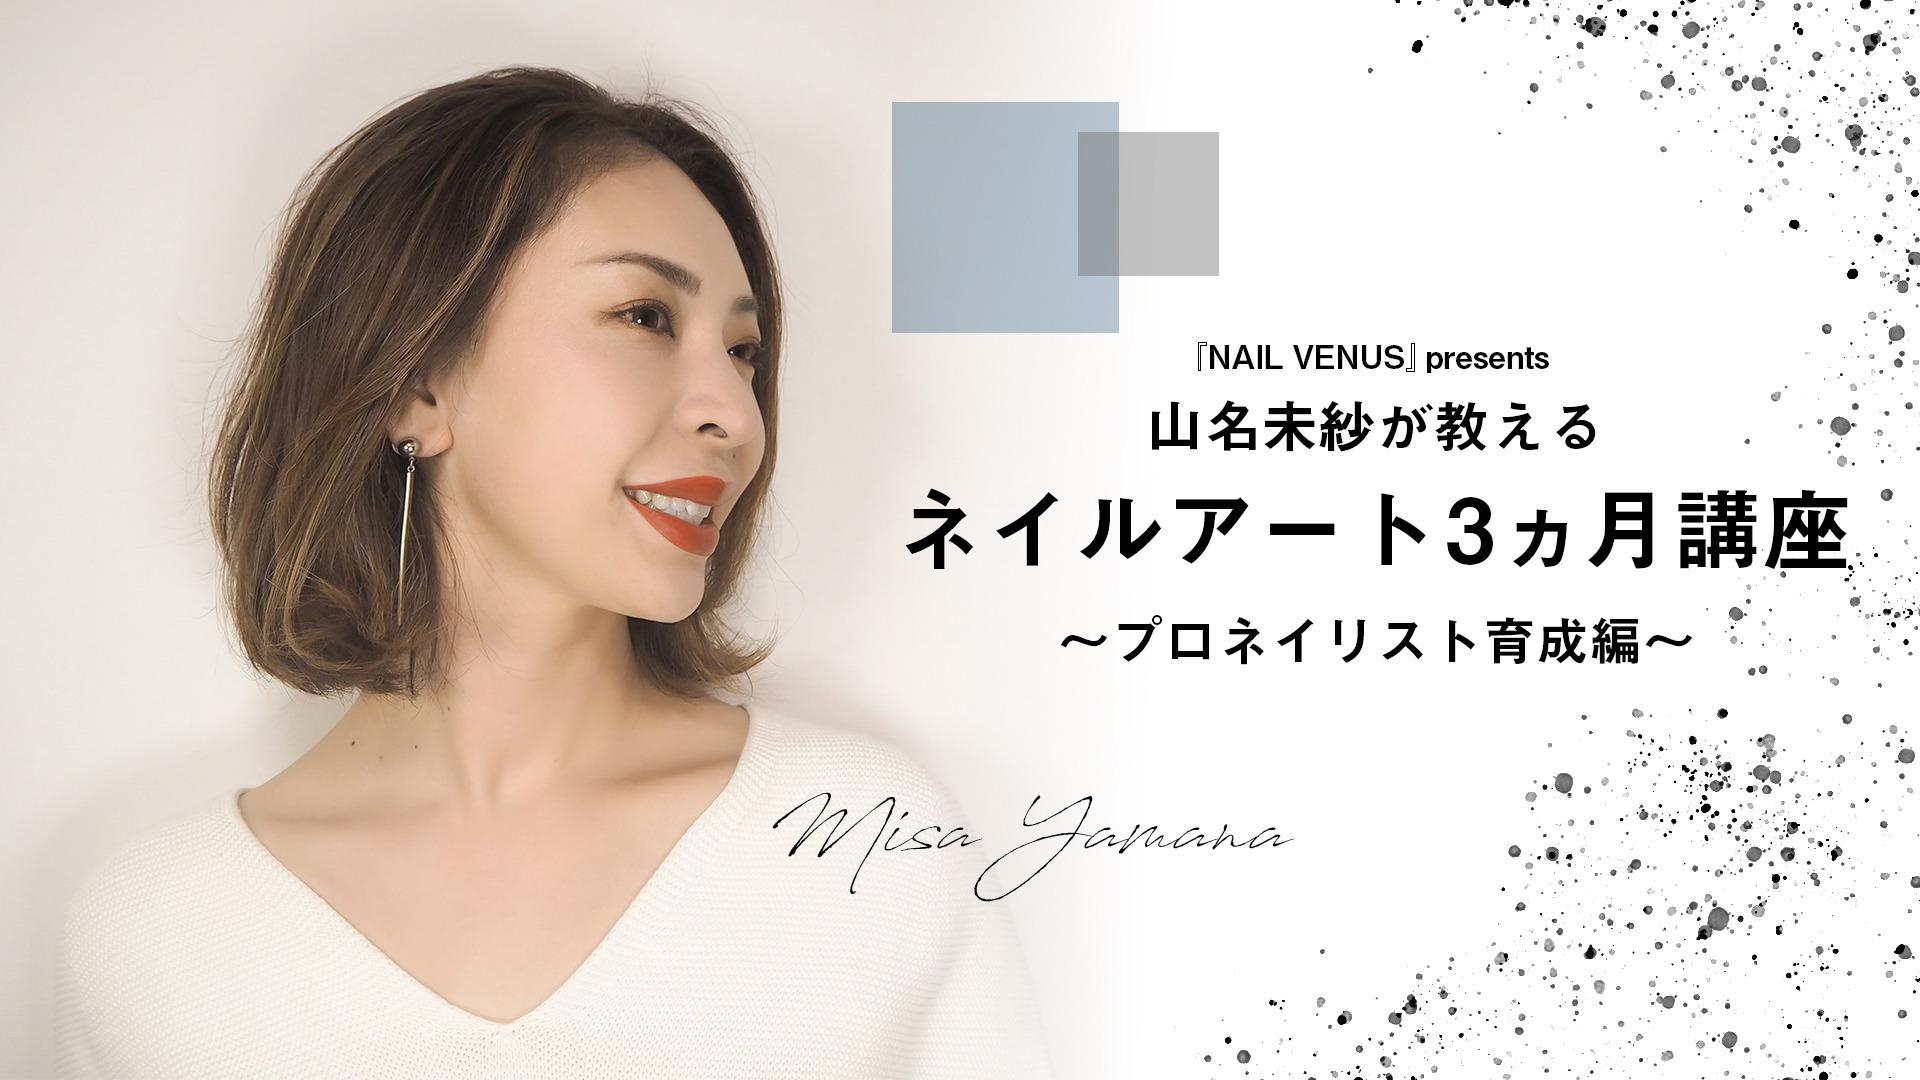 山名未紗が教えるネイルアート3ヵ月講座~プロネイリスト育成編~